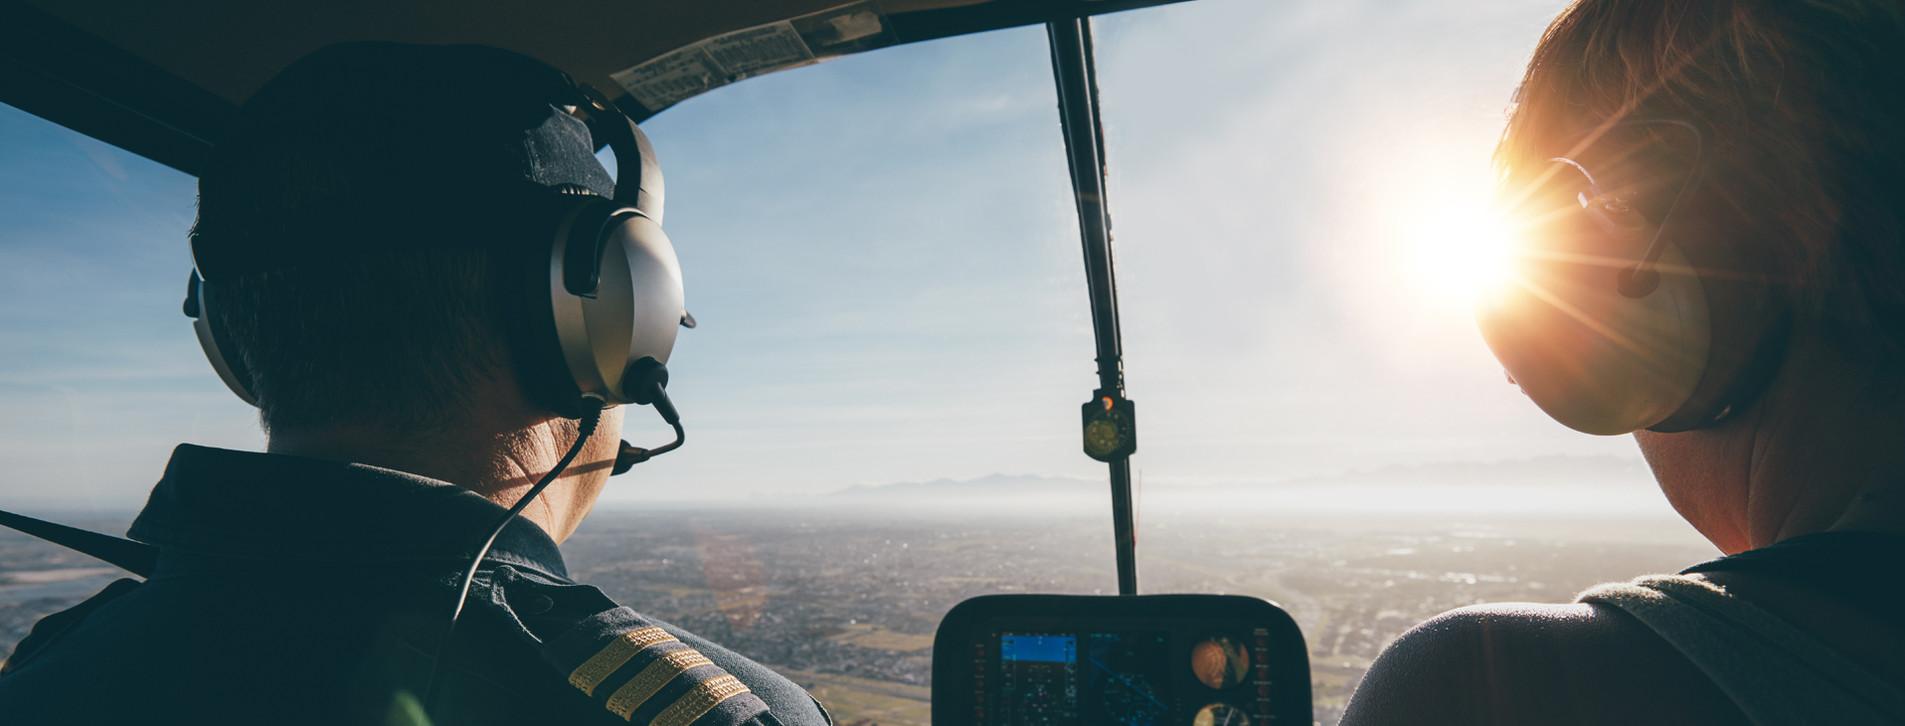 Фото 1 - Полет на легком самолете для двоих